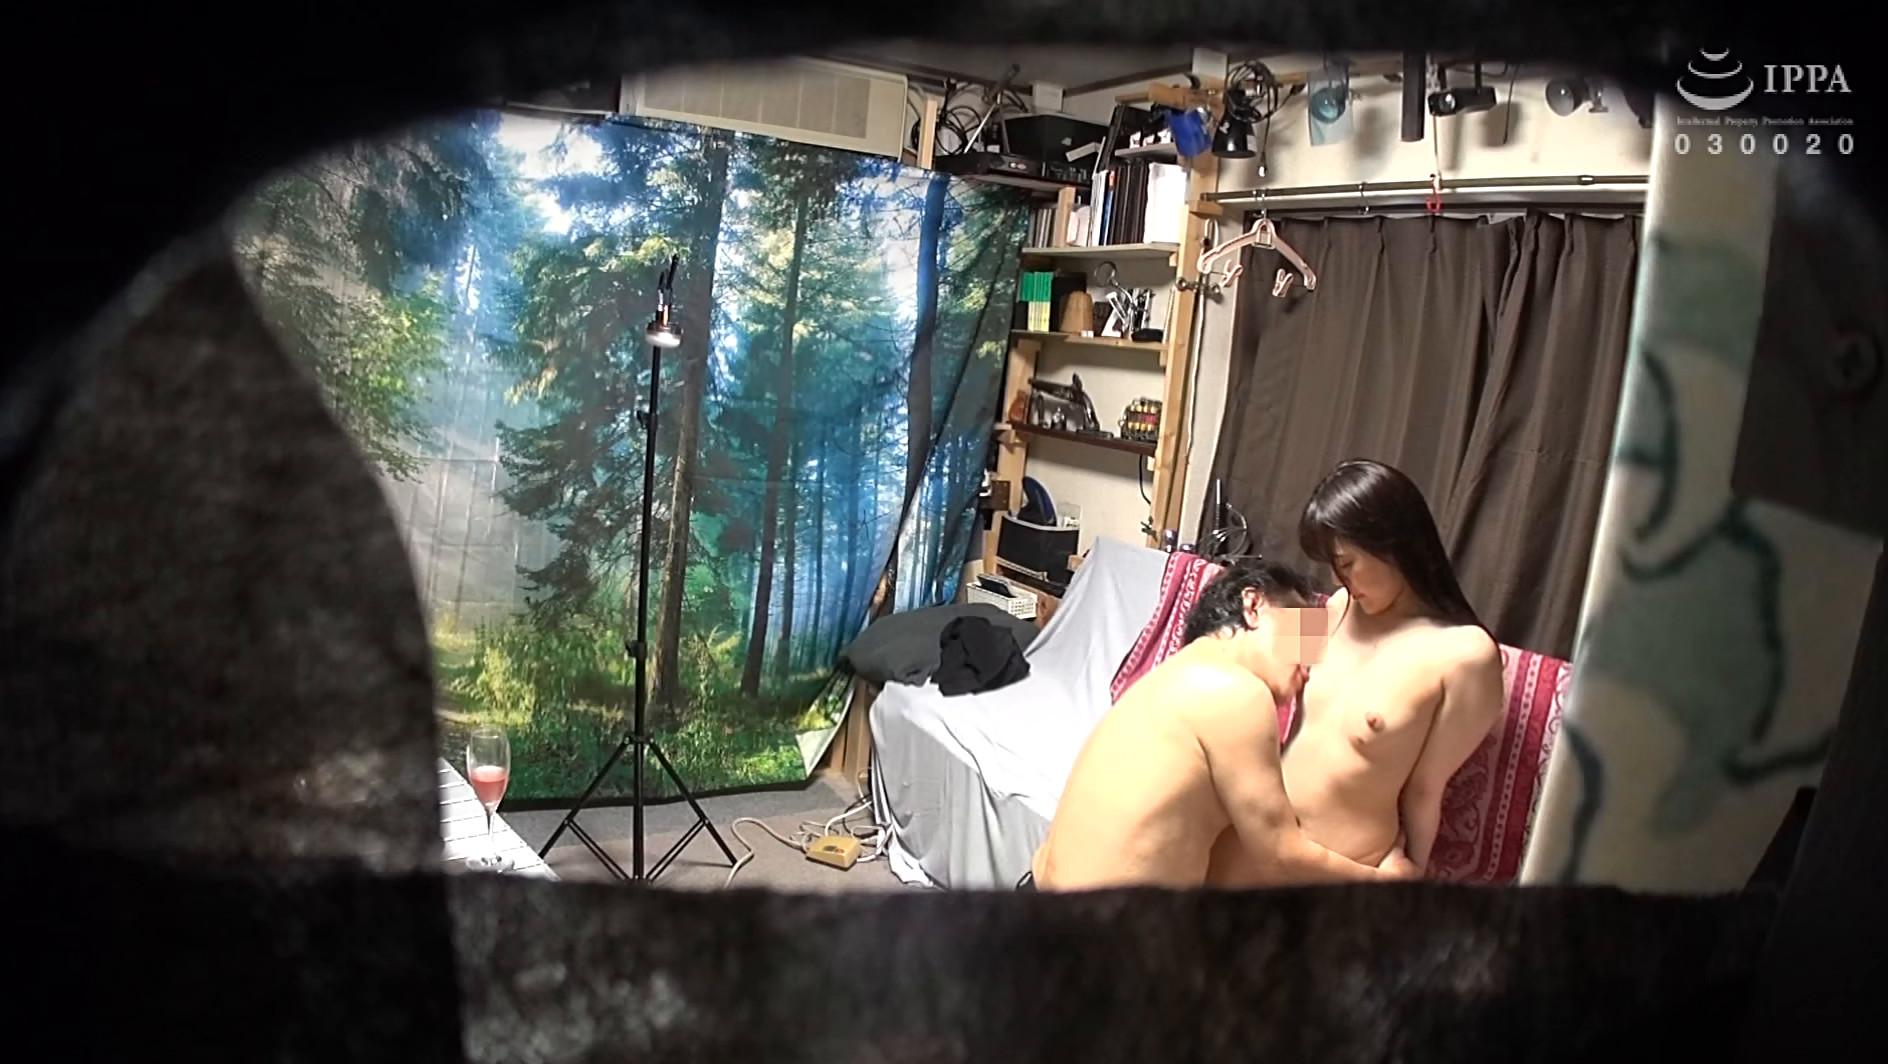 自分の部屋に泊まることになった妻の女友達 「人妻園子さん(仮名)三十歳」に当然のように手を出してしまうワタシ 画像7